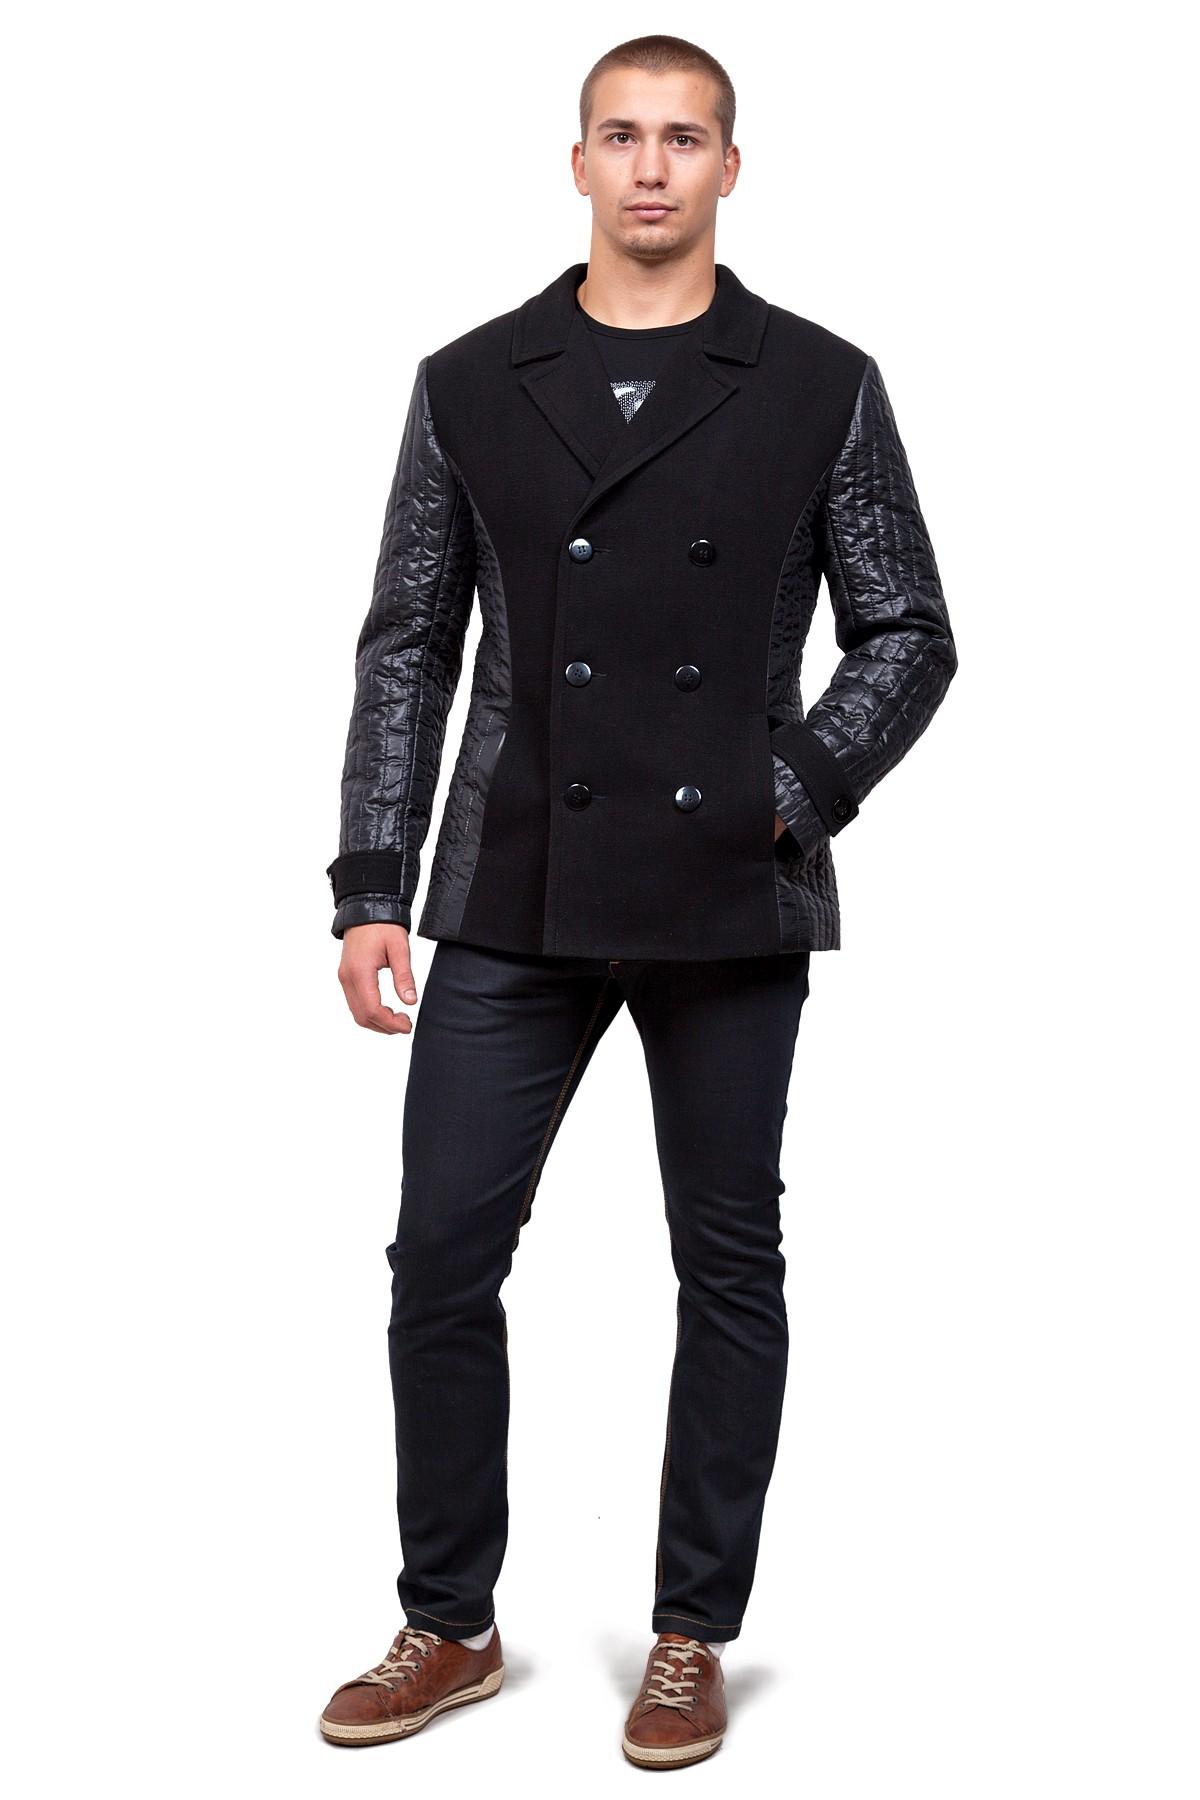 КурткаКуртки, пальто, ветровки<br>Стильная куртка элегантного лаконичного исполнения. Практичный дизайн. Центральная застежка на пуговицы, удобные функциональные карманы. Изысканный вариант на каждый день.<br><br>Цвет: черный<br>Состав: ткань1-65%полиэстер, 18%вискоза, 2%спандекс,15% шерсть; ткань2 -100%полиэстер, подкладка - 100%полиэстер<br>Размер: 58,60<br>Страна дизайна: Россия<br>Страна производства: Россия